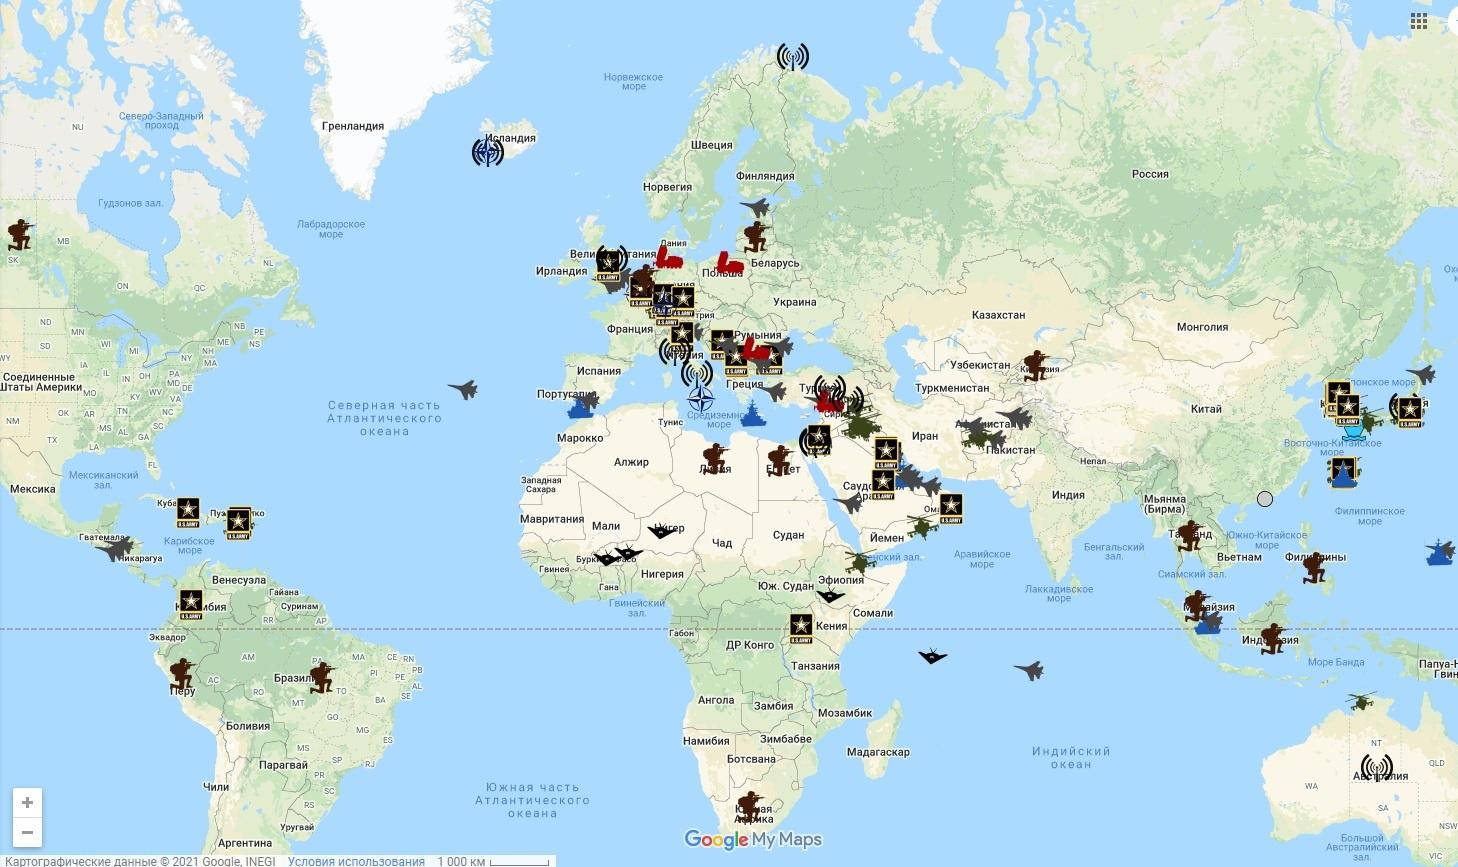 Сегодня американские вооружённые силы размещены более чем в 150 странах на разных континентах. Общее количество военных баз США - как минимум 800.